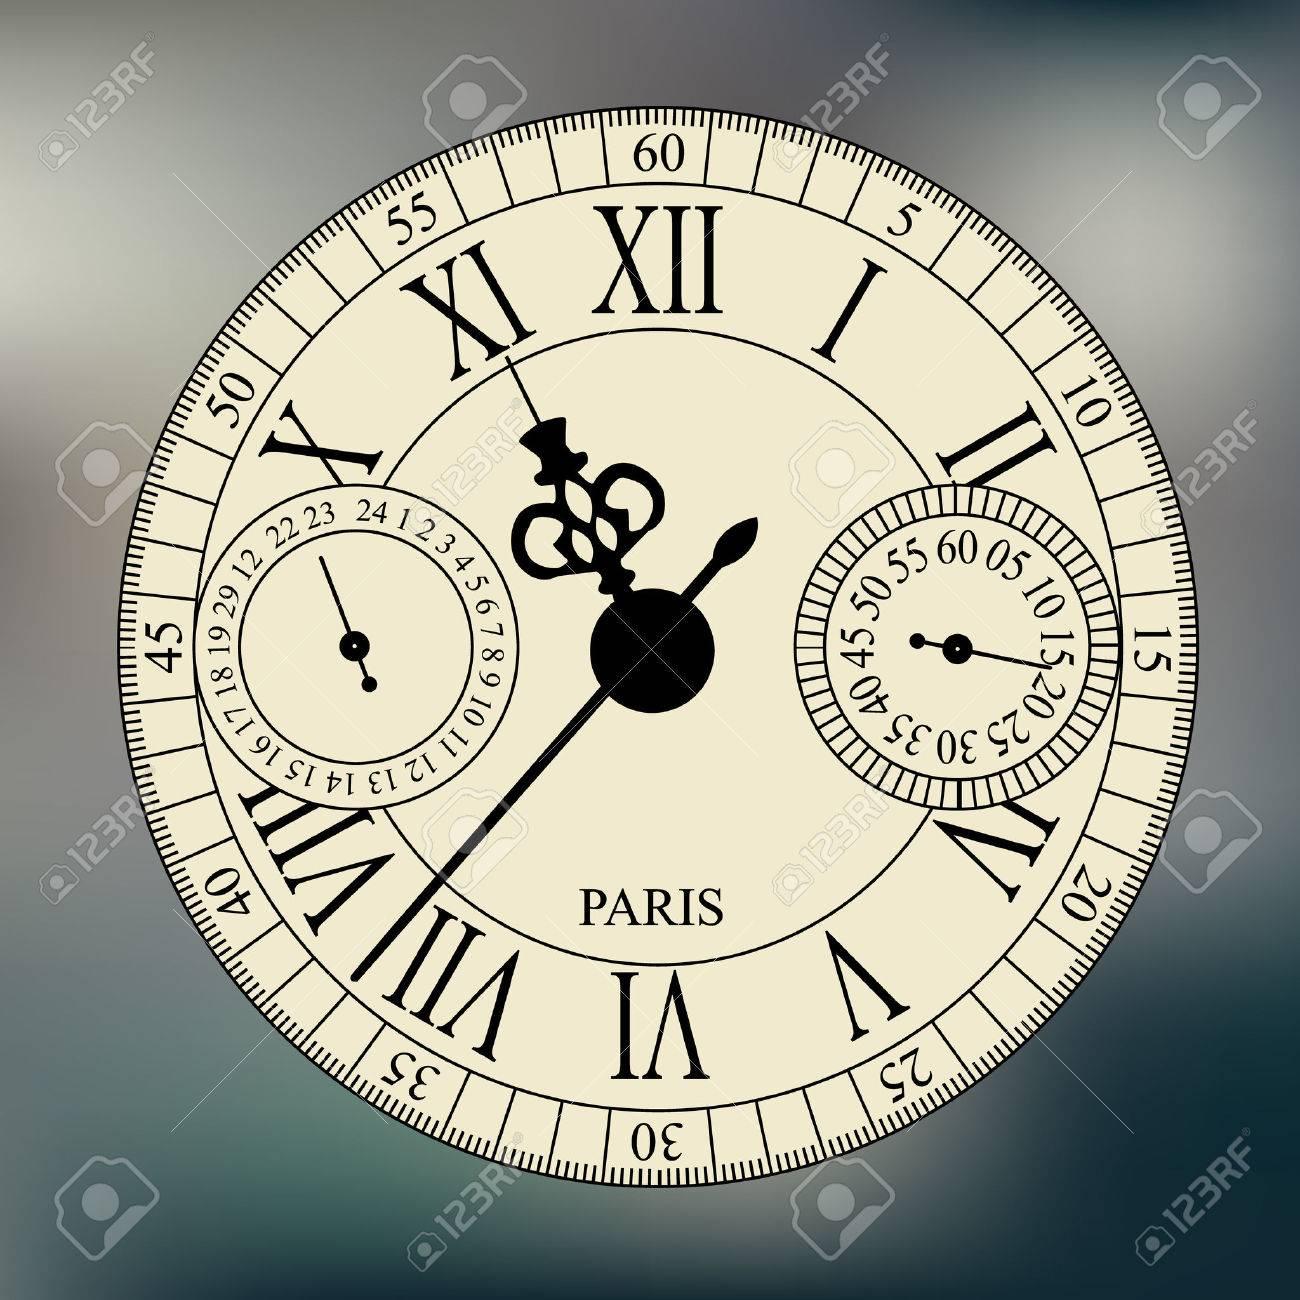 Watch wrist parts - Watch Parts Old Fashioned Antique Wrist Watch Watchface On Blurred Background